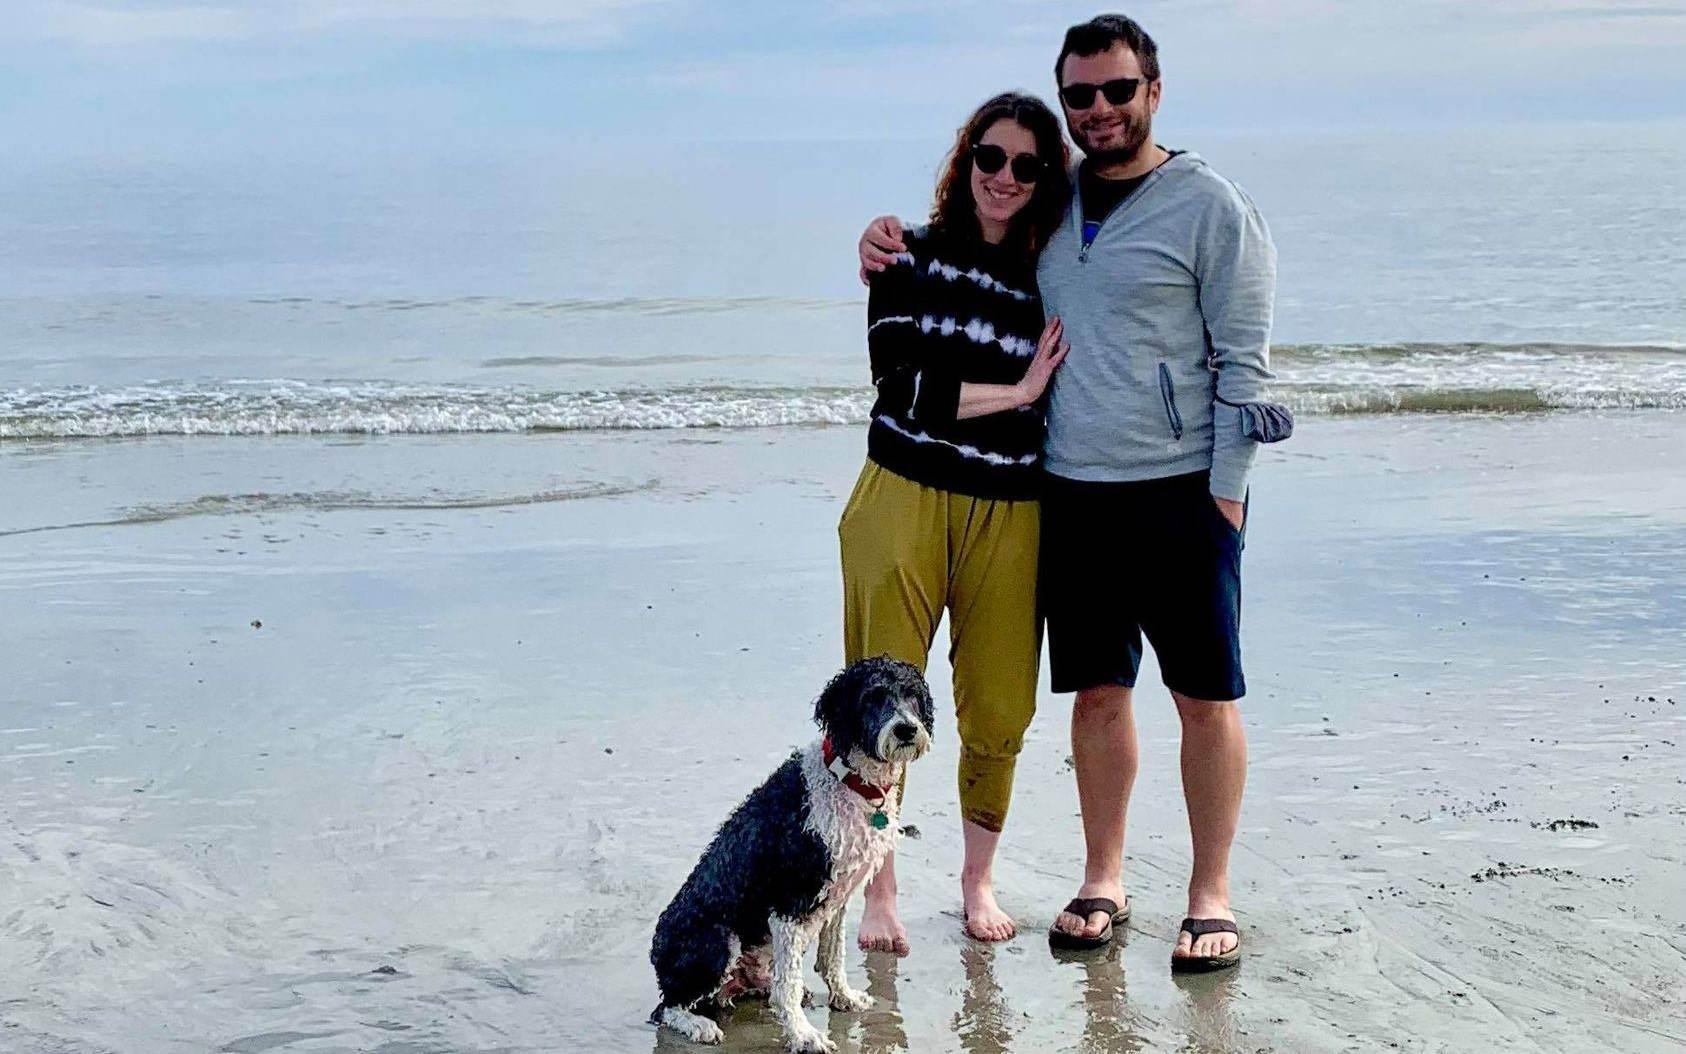 Jordan Levey diz que ela e o marido decidiram que ser pais não era para eles